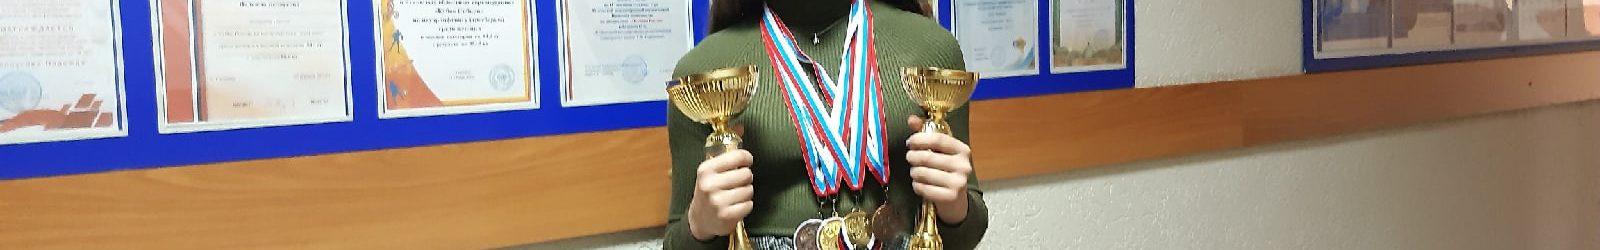 Поздравляем с победой во Всероссийских соревнованиях!